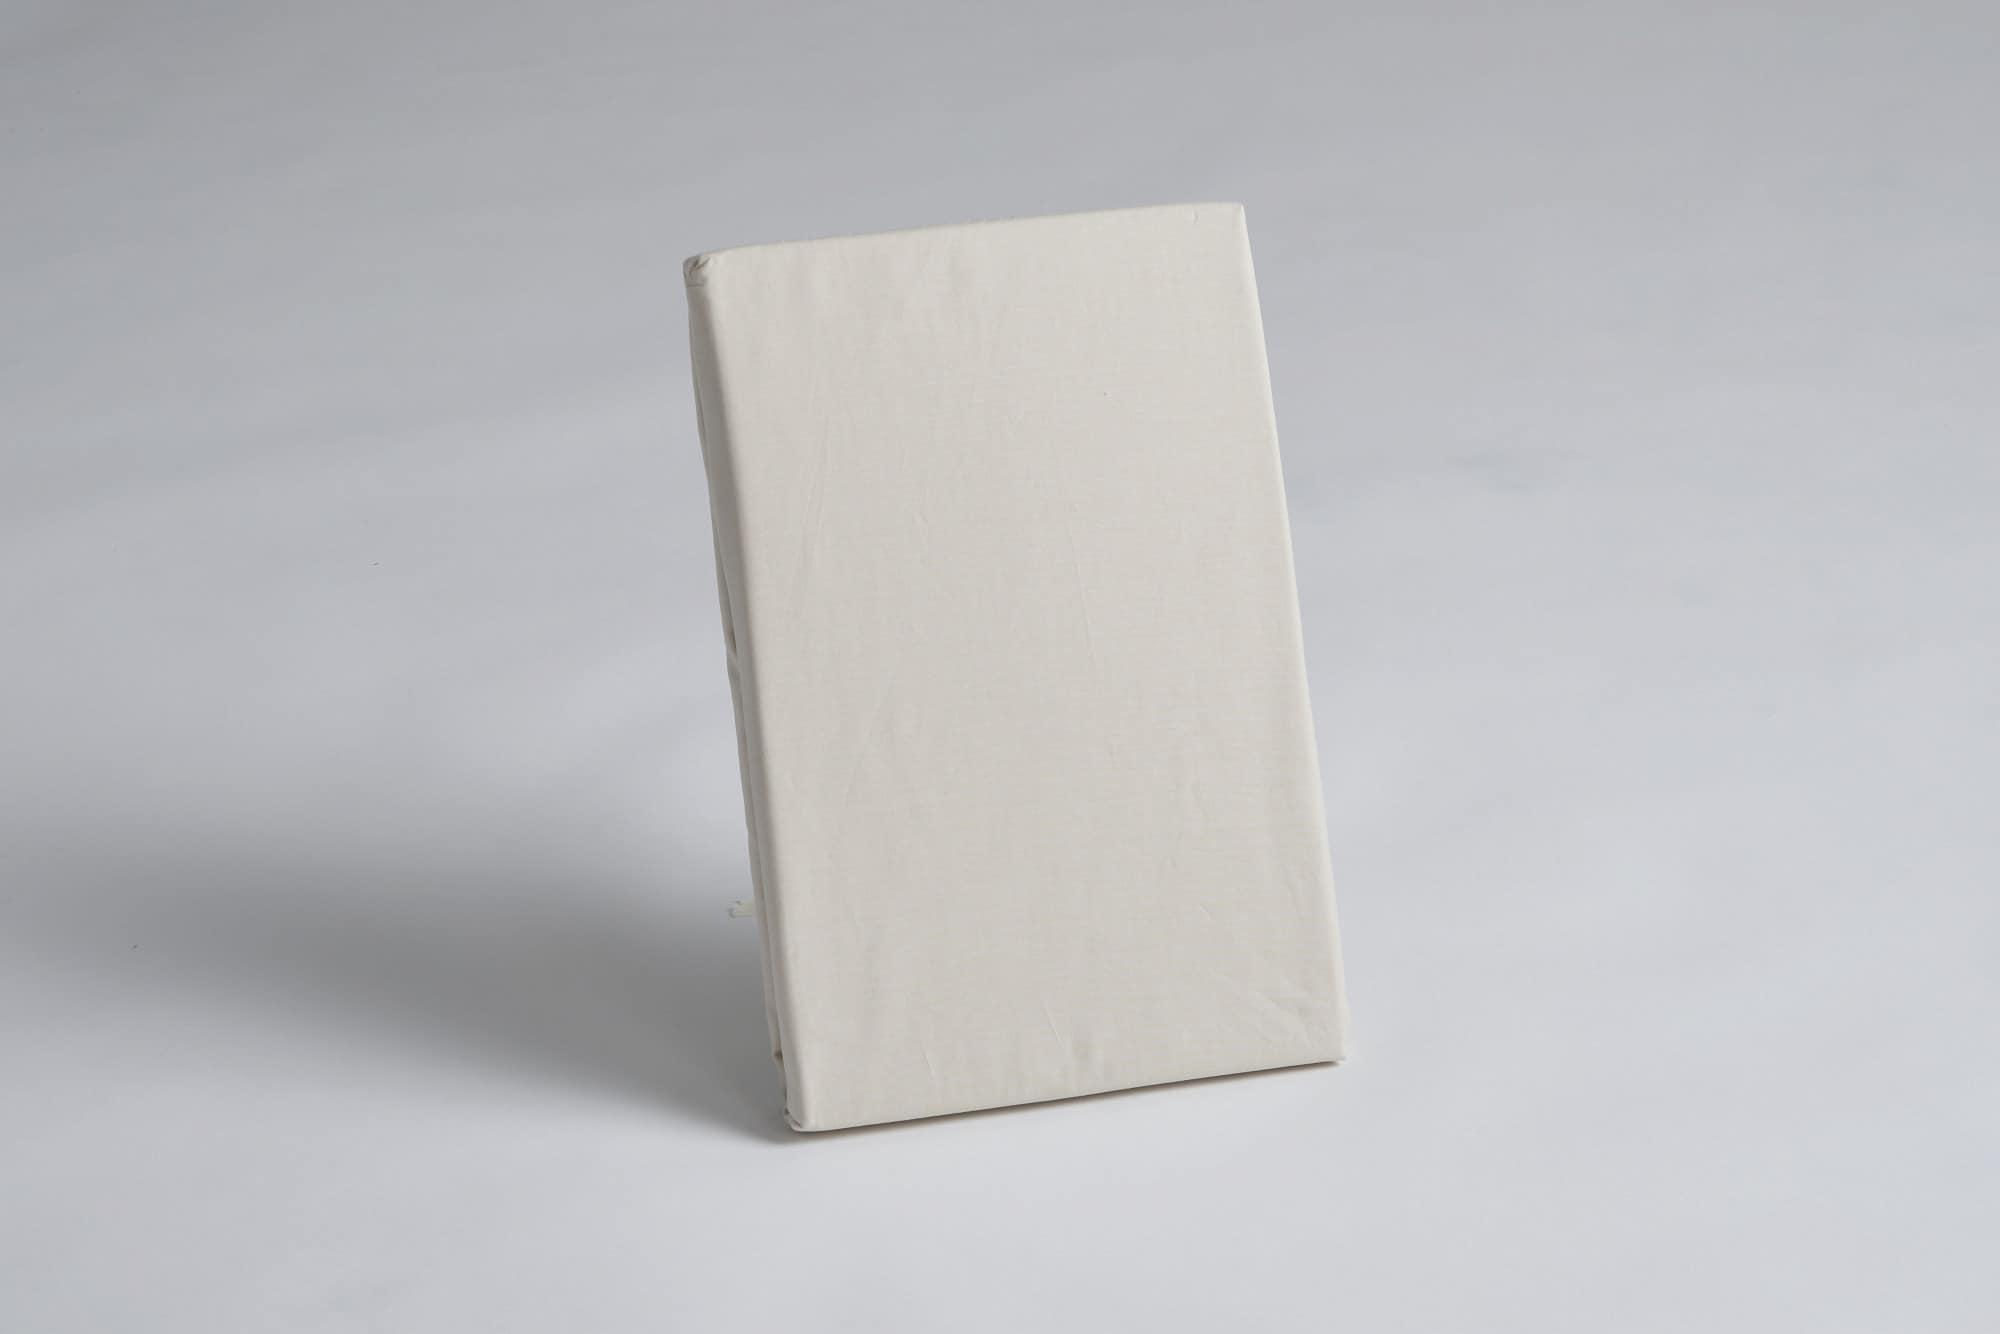 ボックスシーツ セミダブル用 36H ナチュラル:《綿100%を使用したボックスシーツ》